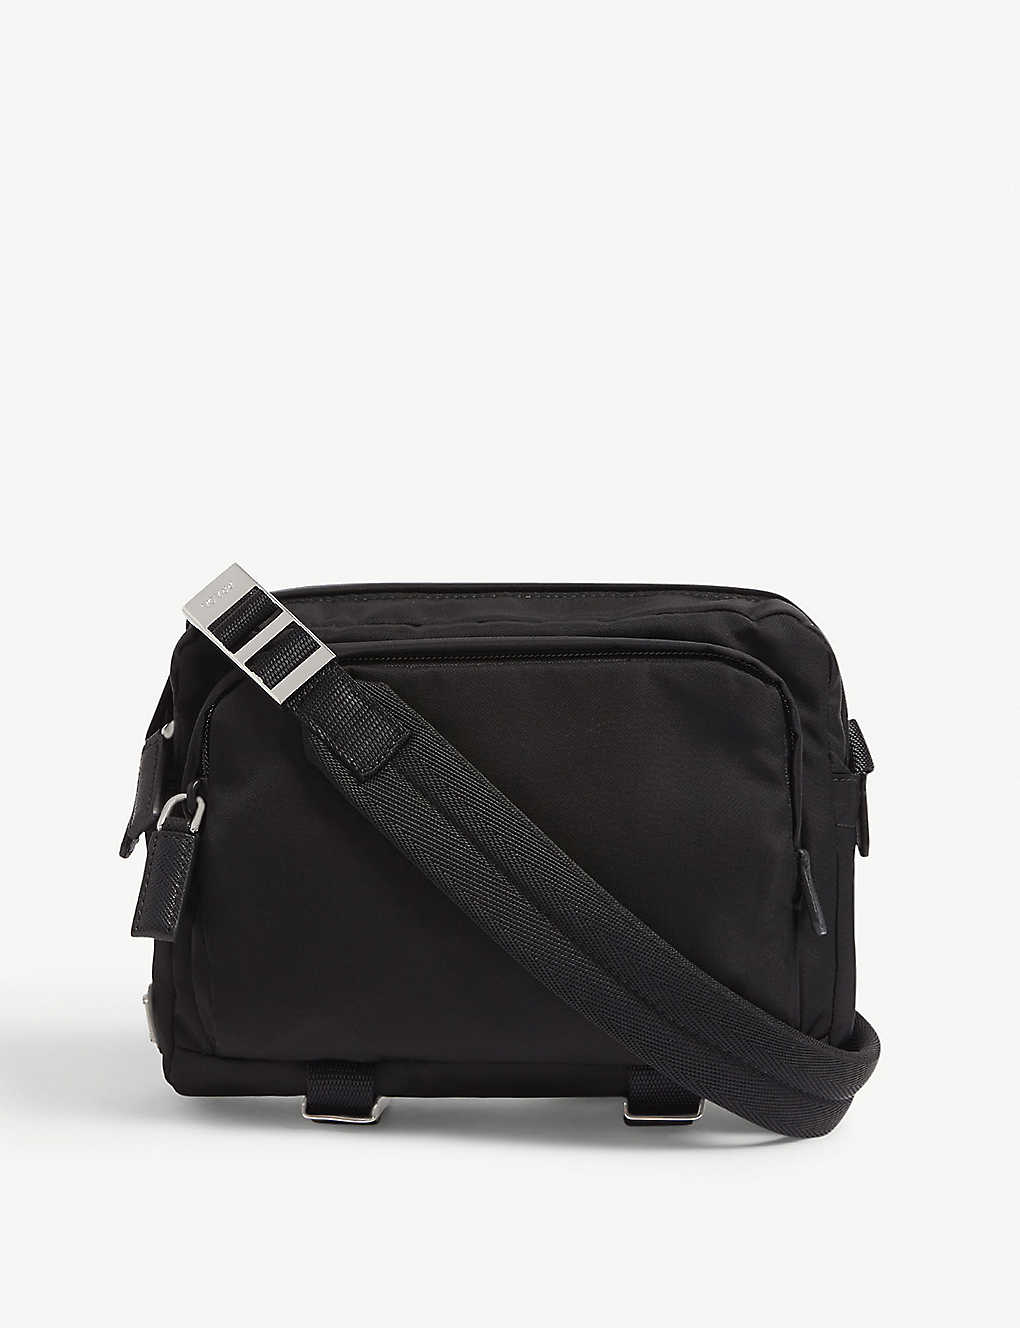 PRADA - Tessuto Montagna nylon camera bag  039e0598b332